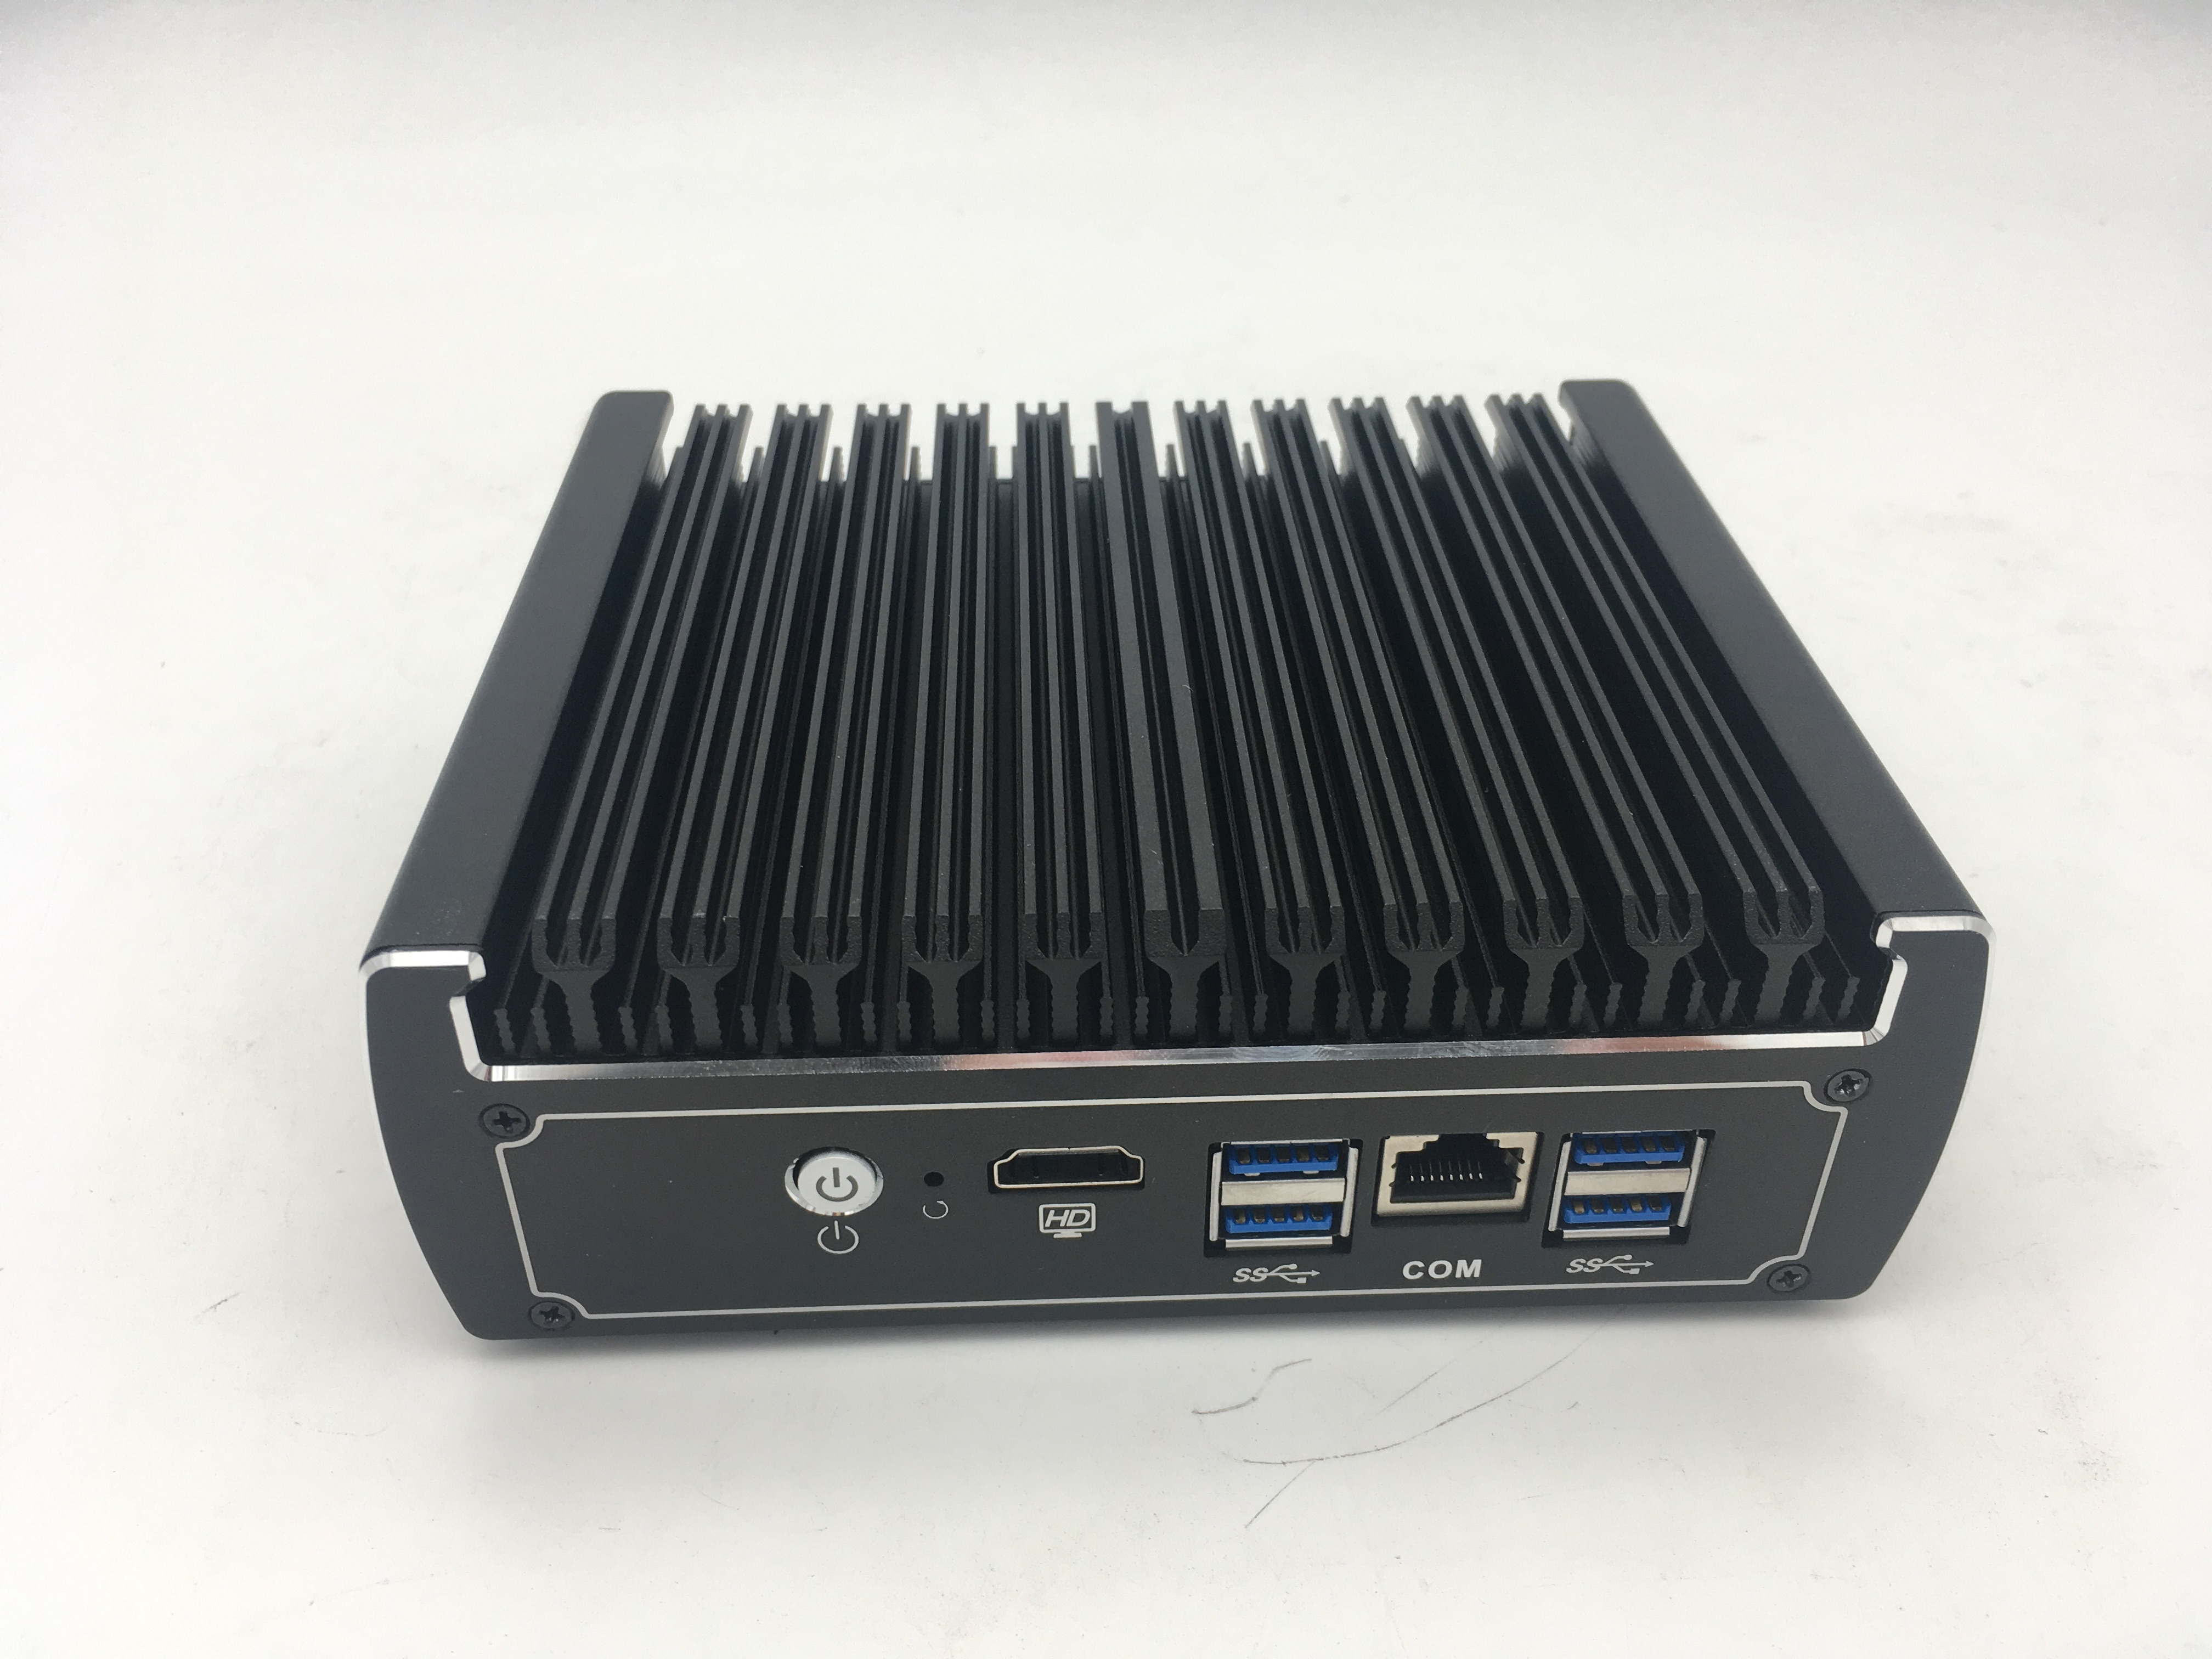 6LAN mini pc -core i5 mini pc